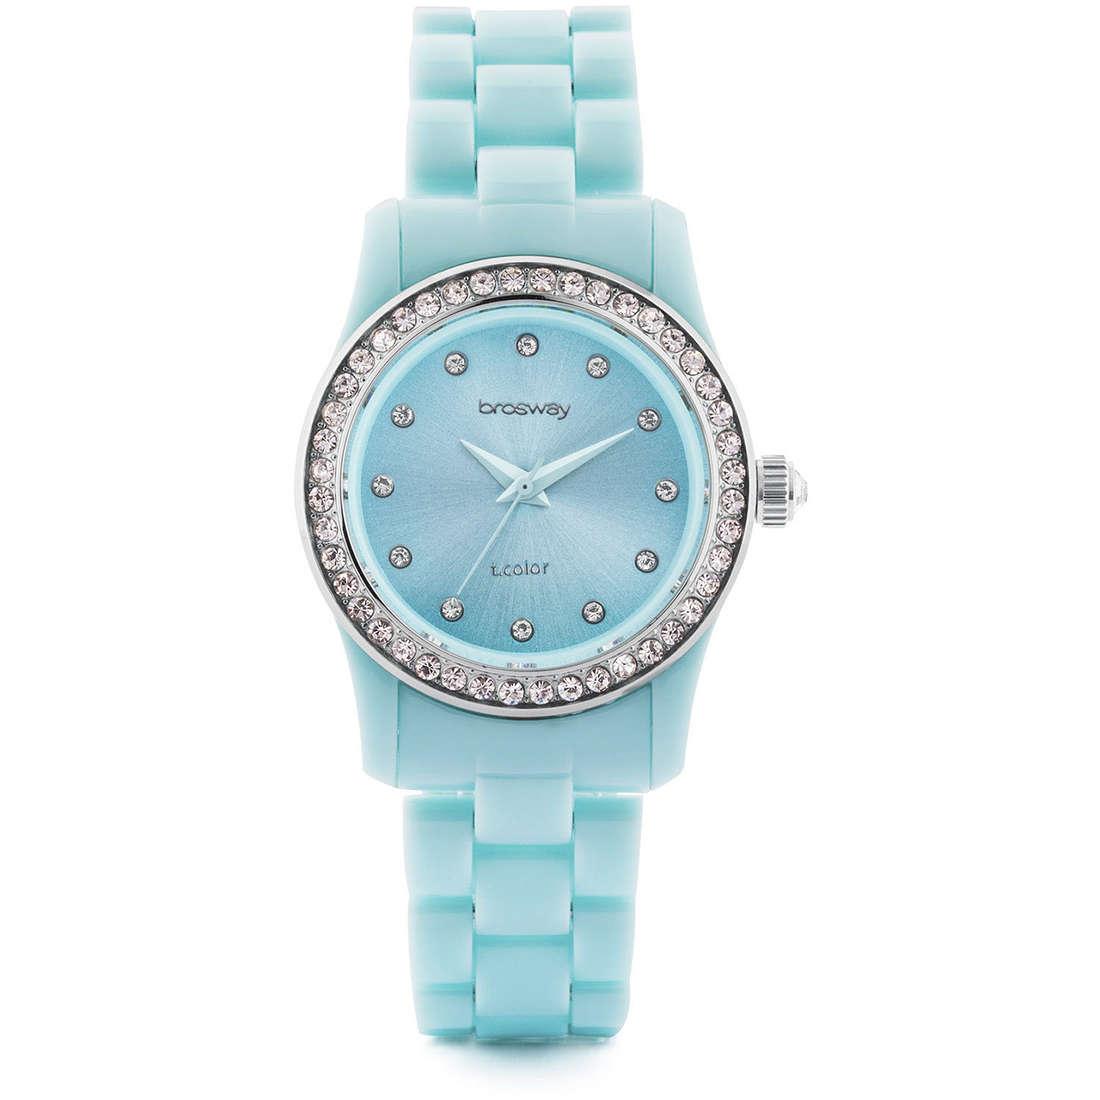 orologio solo tempo donna Brosway T-Color WTC65